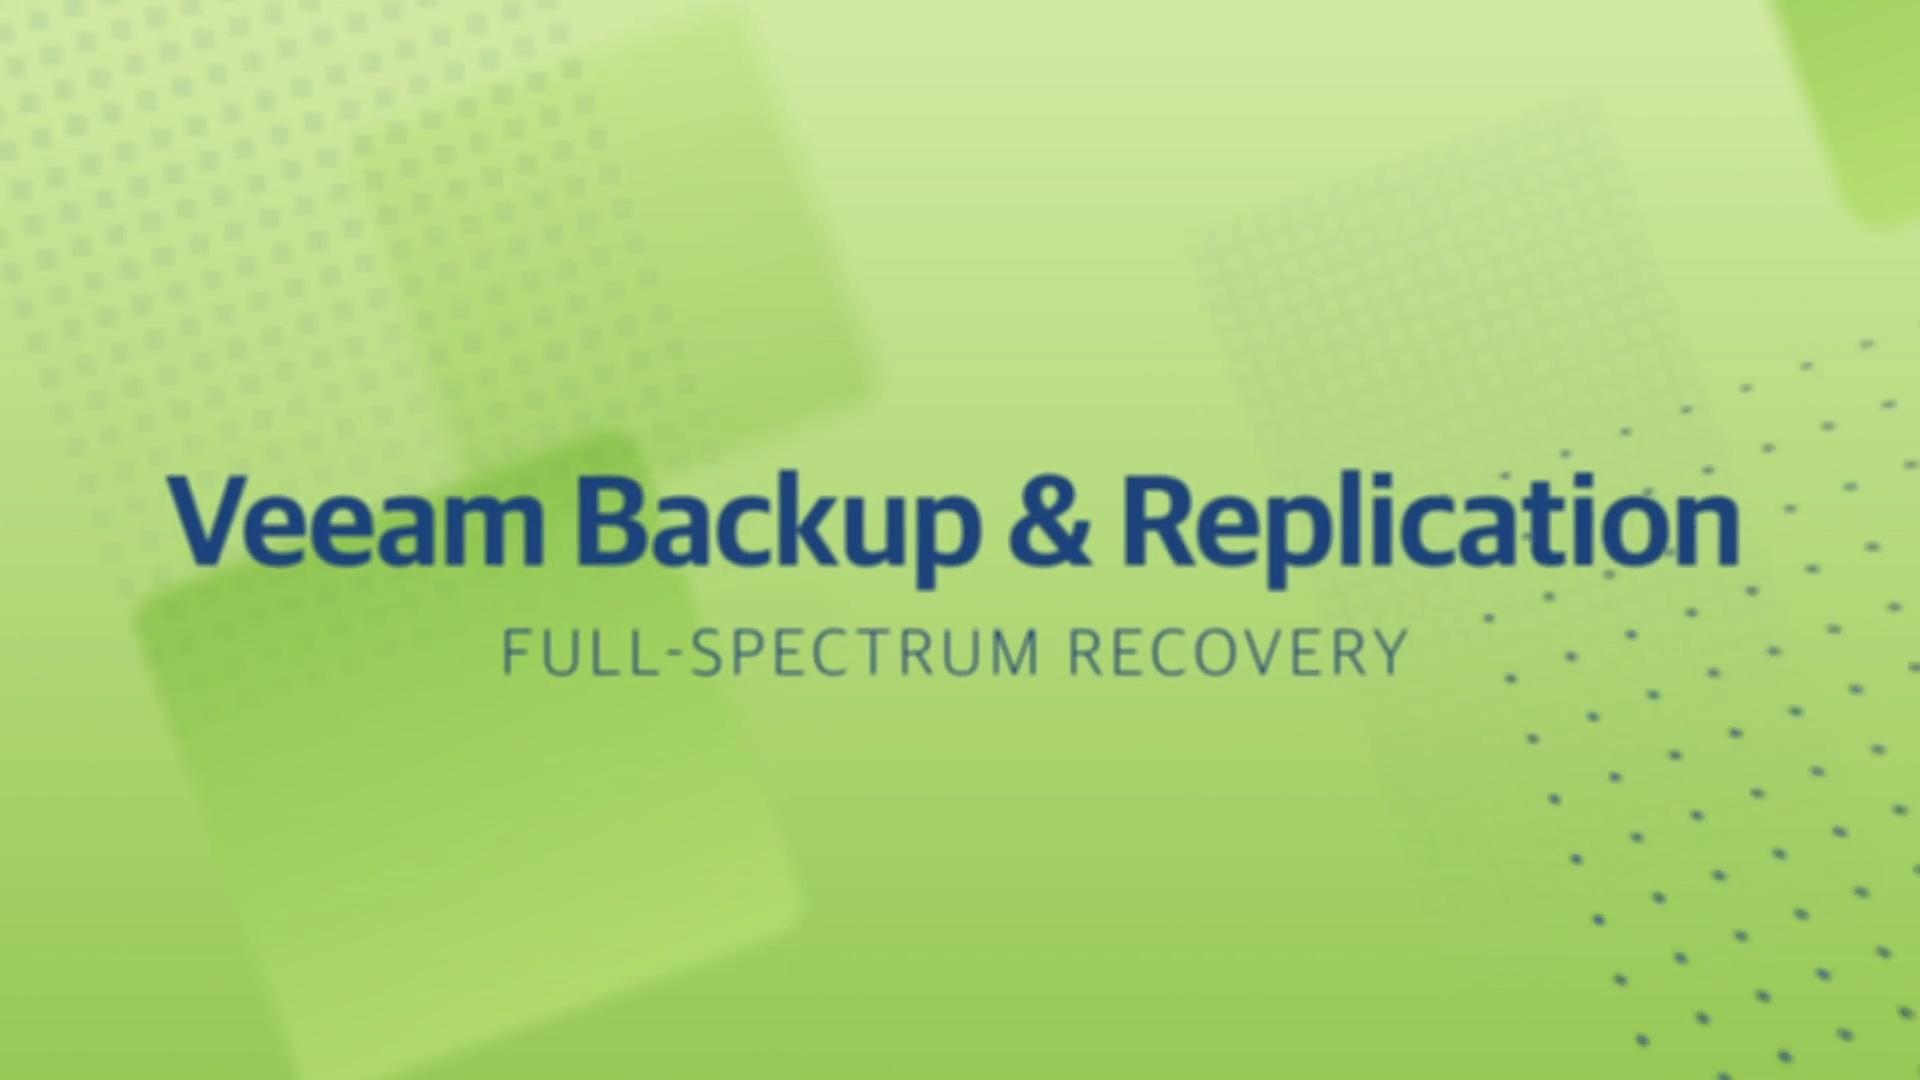 Product launch v11 - VBR - Full-Spectrum Recovery